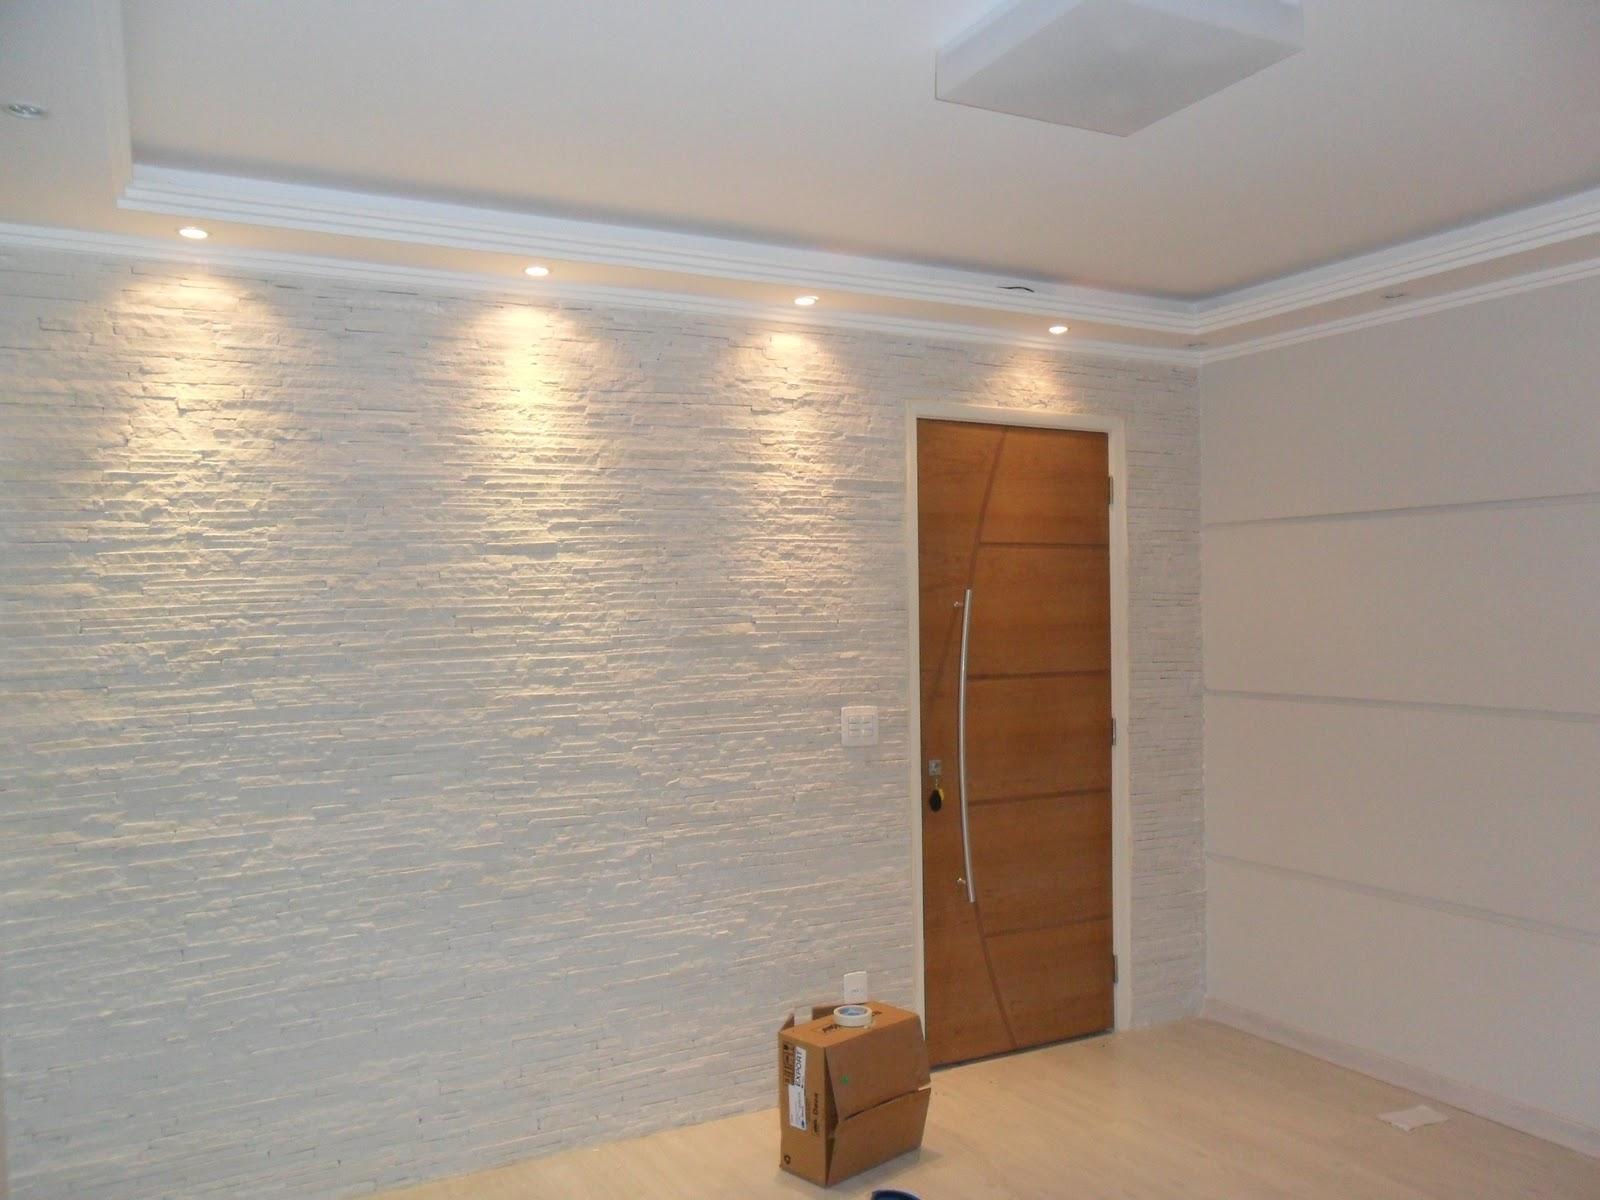 Gesso De Sala Pequena ~ Aqui a sanca tambem aberta, so que em um ambiente mais clean  talvez